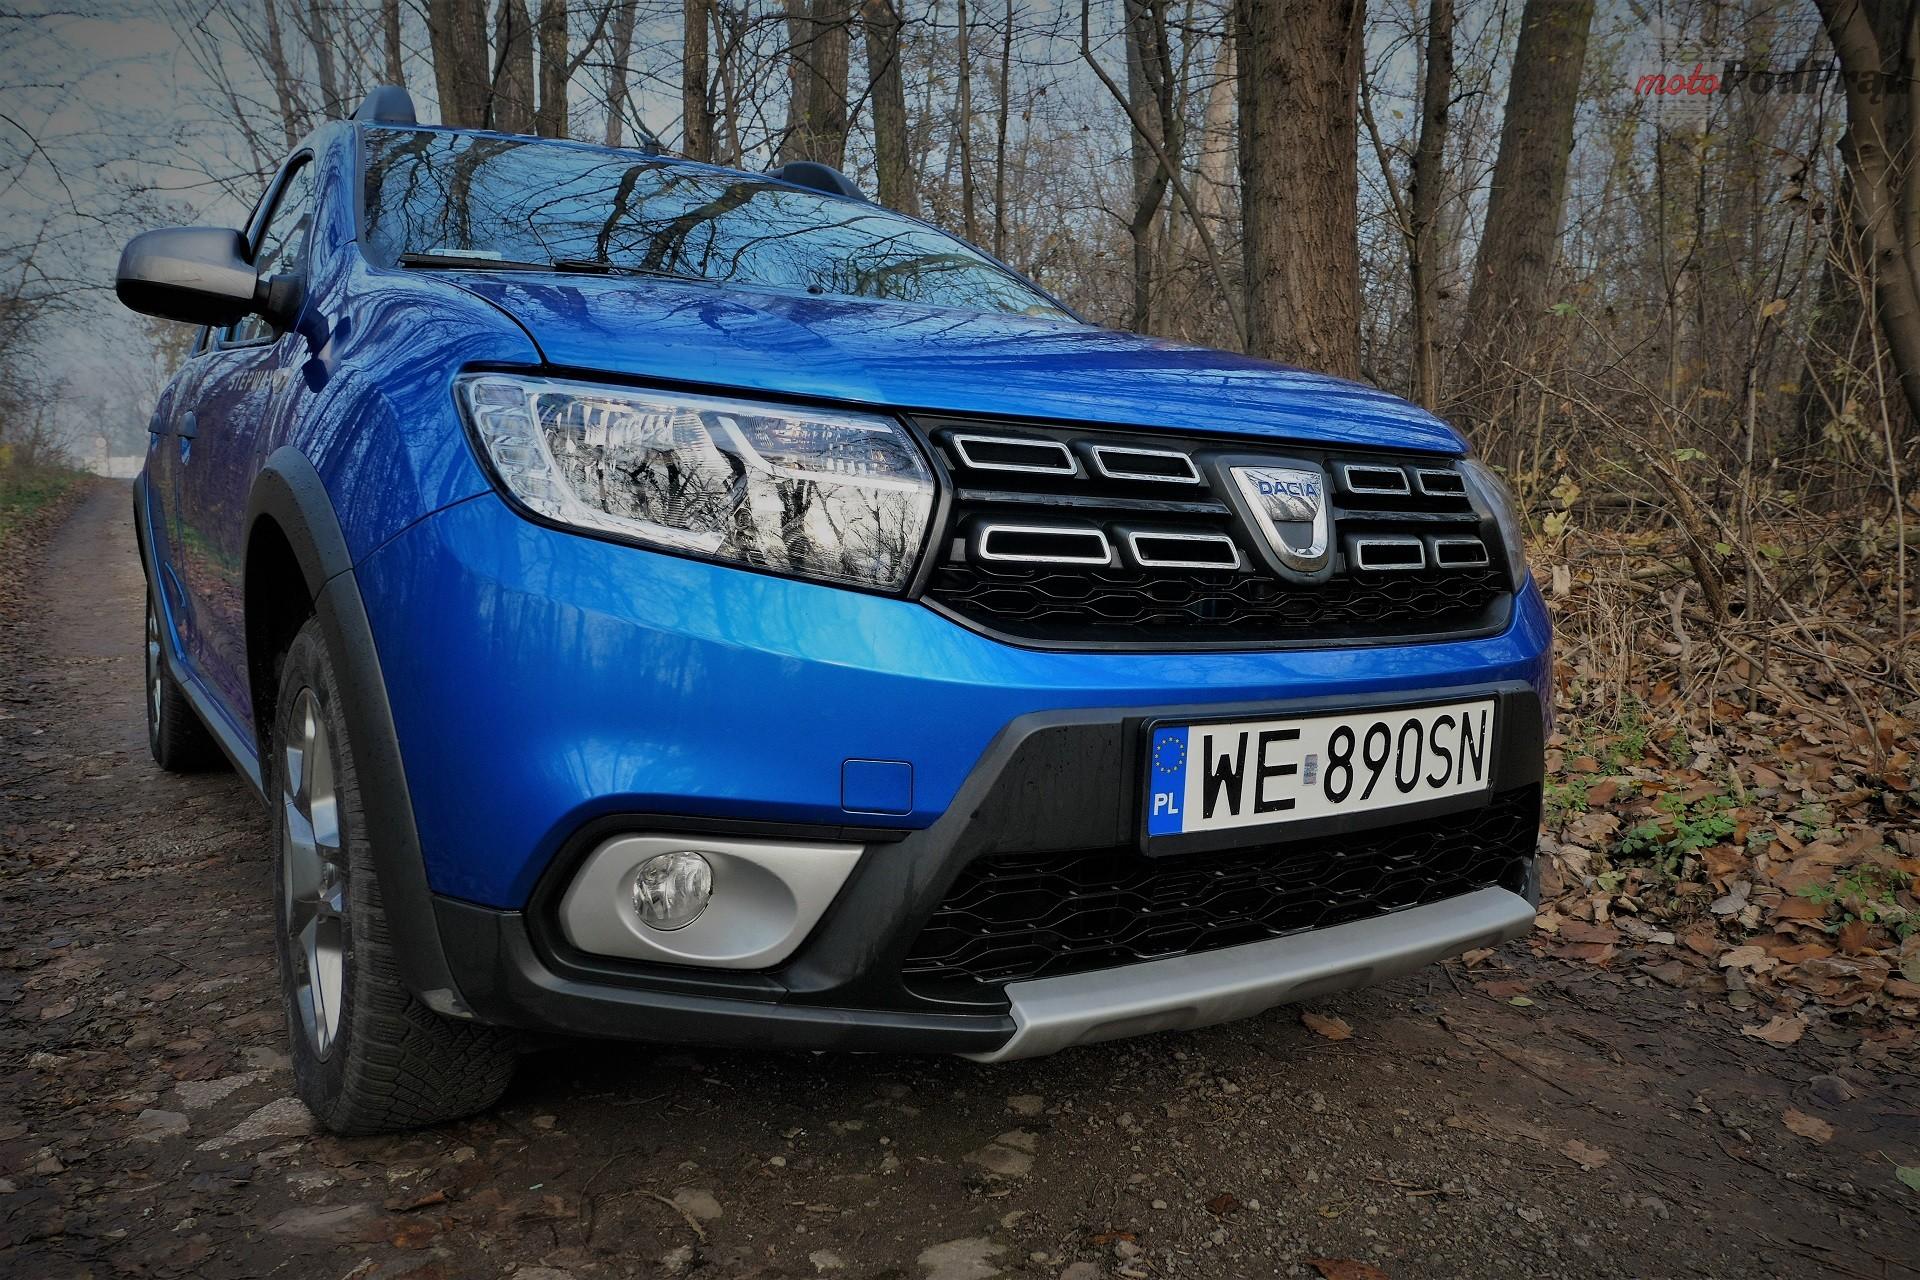 Dacia Sandero Stepway 5 Test: Dacia Sandero Stepway   w prostocie siła